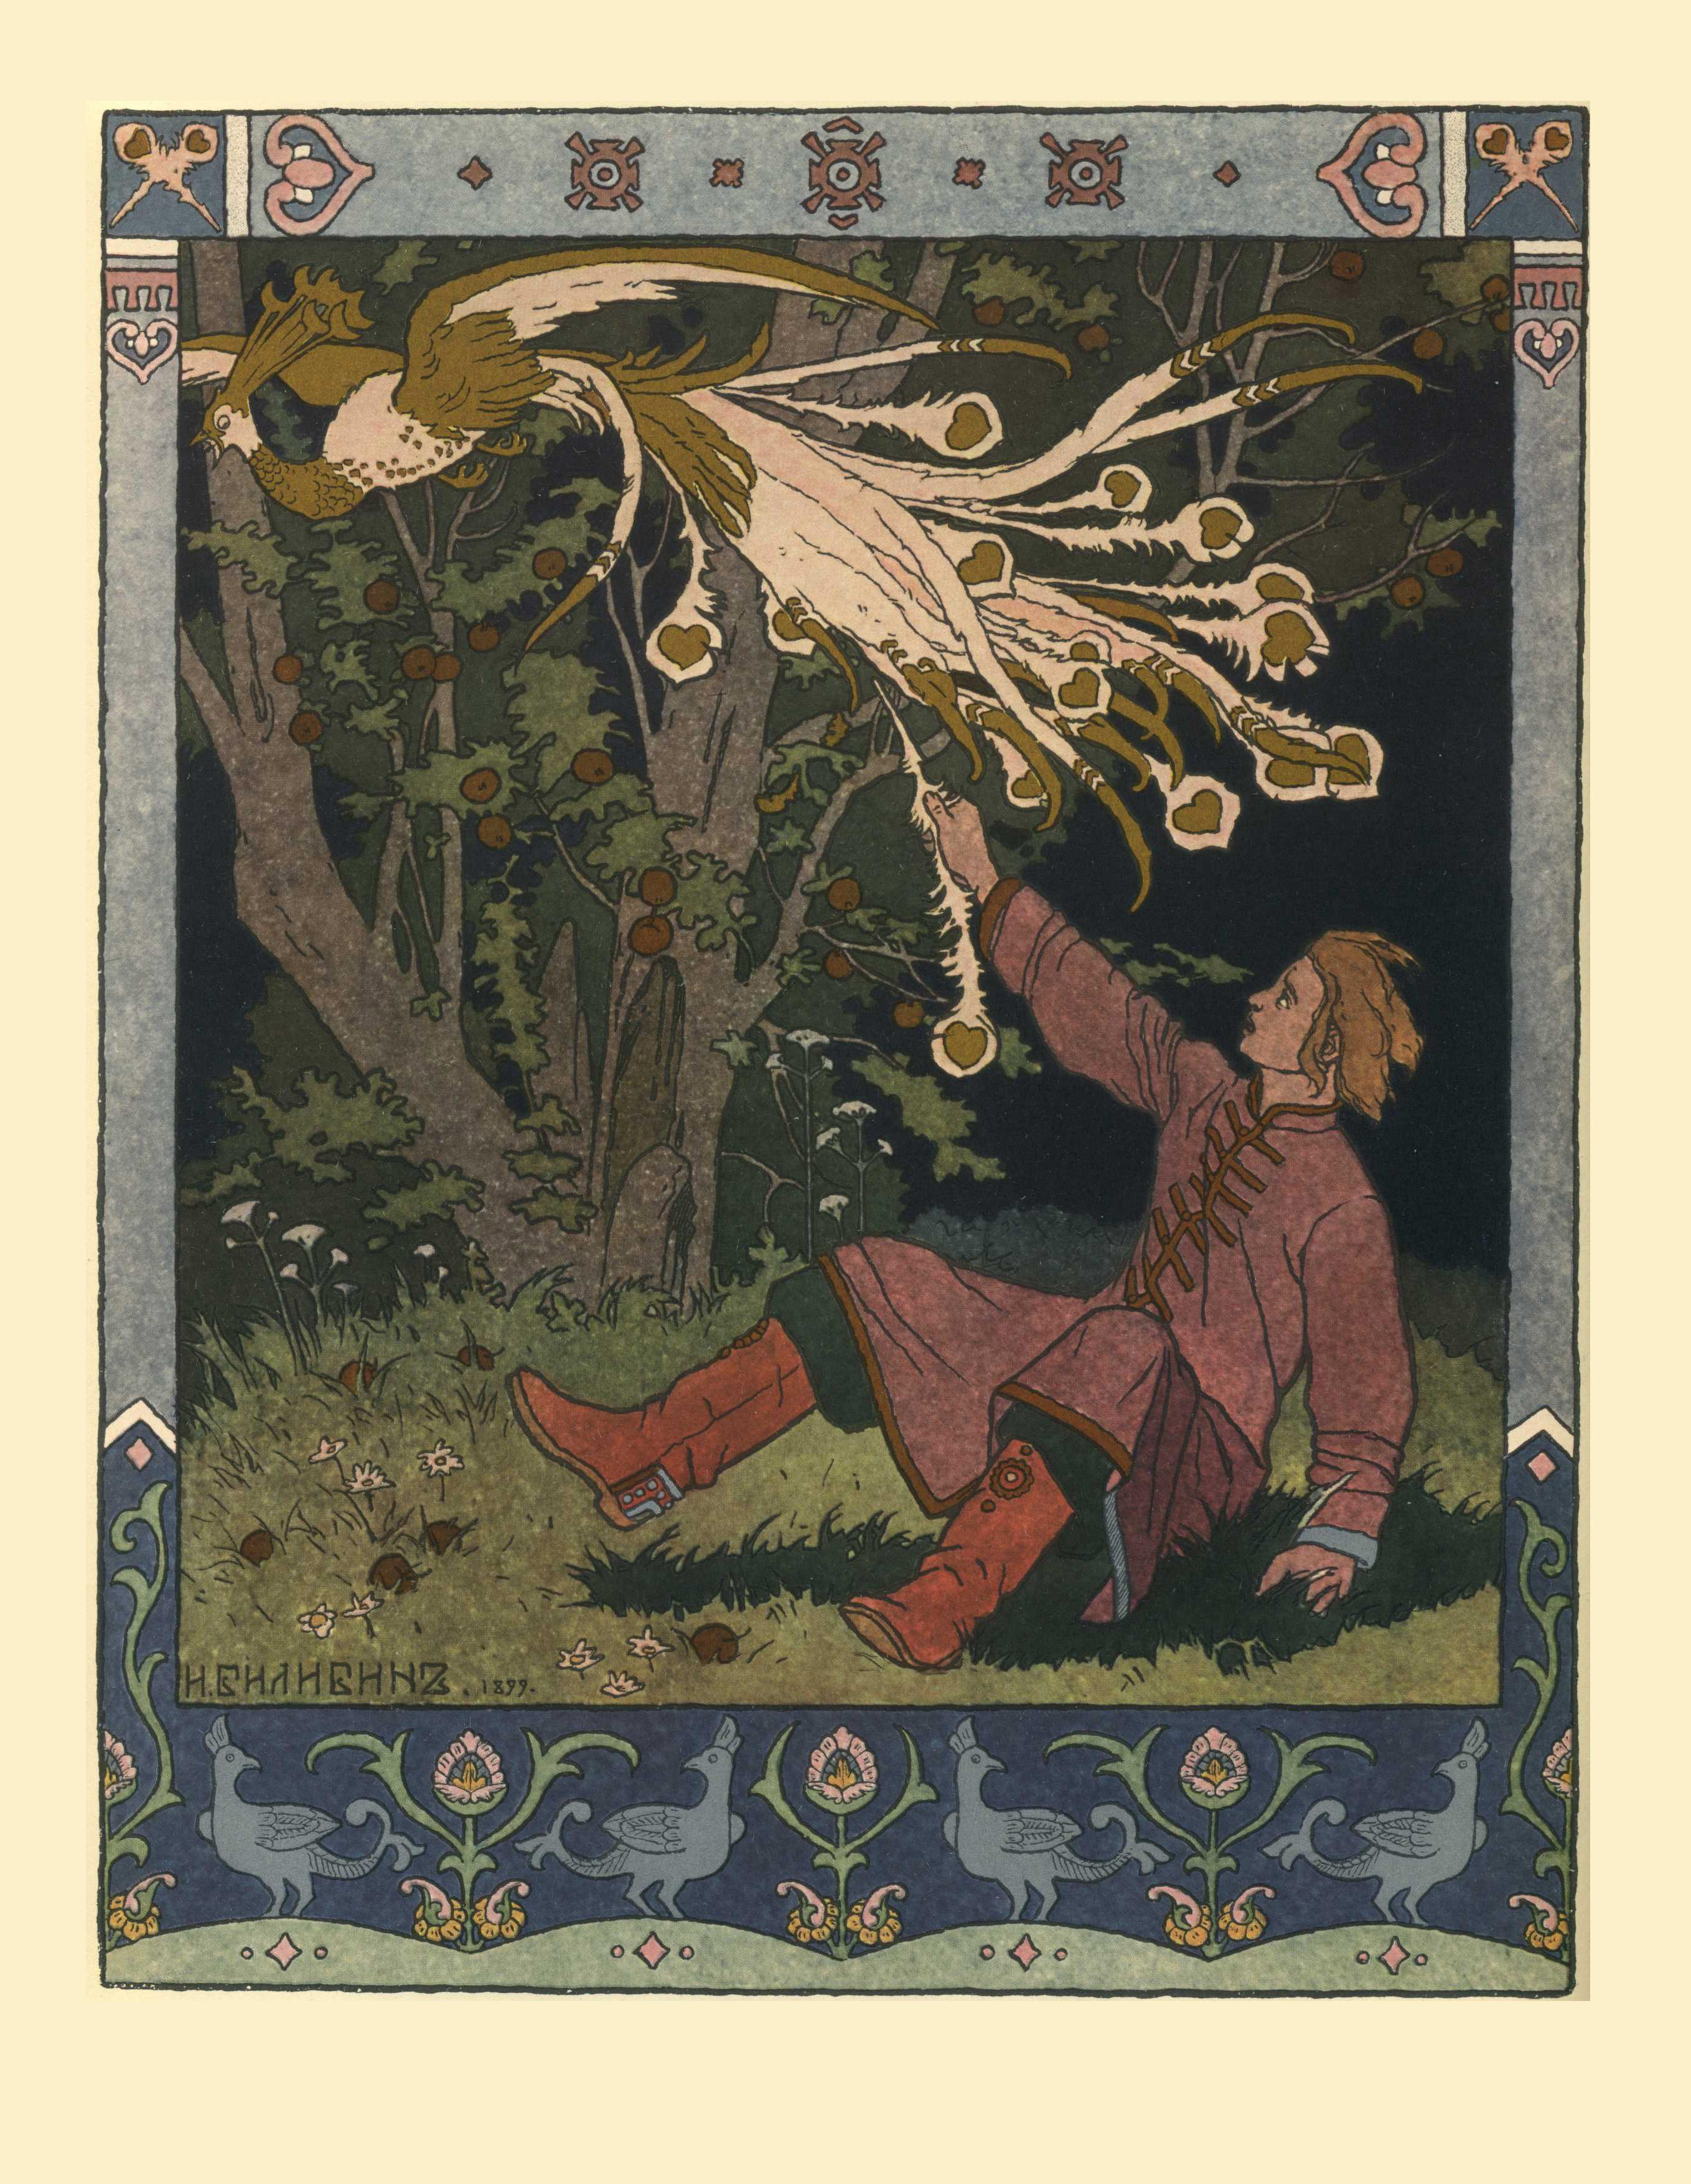 Воплощение бога грозы, в славянских сказках чудесная птица, которая